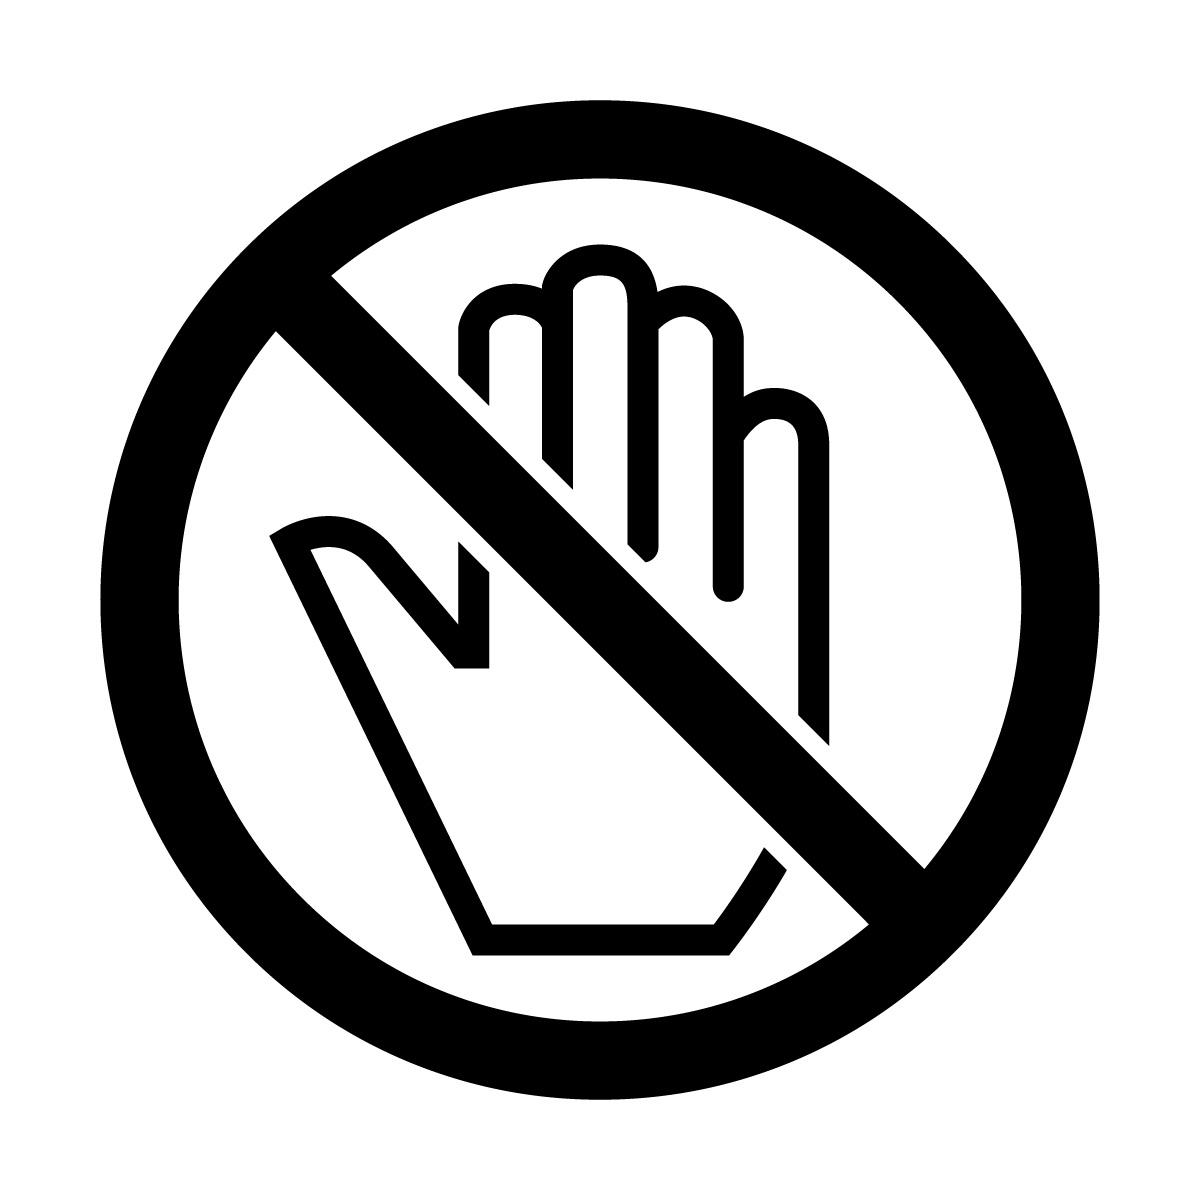 黒色の触るな禁止マークのカッティングステッカーシール